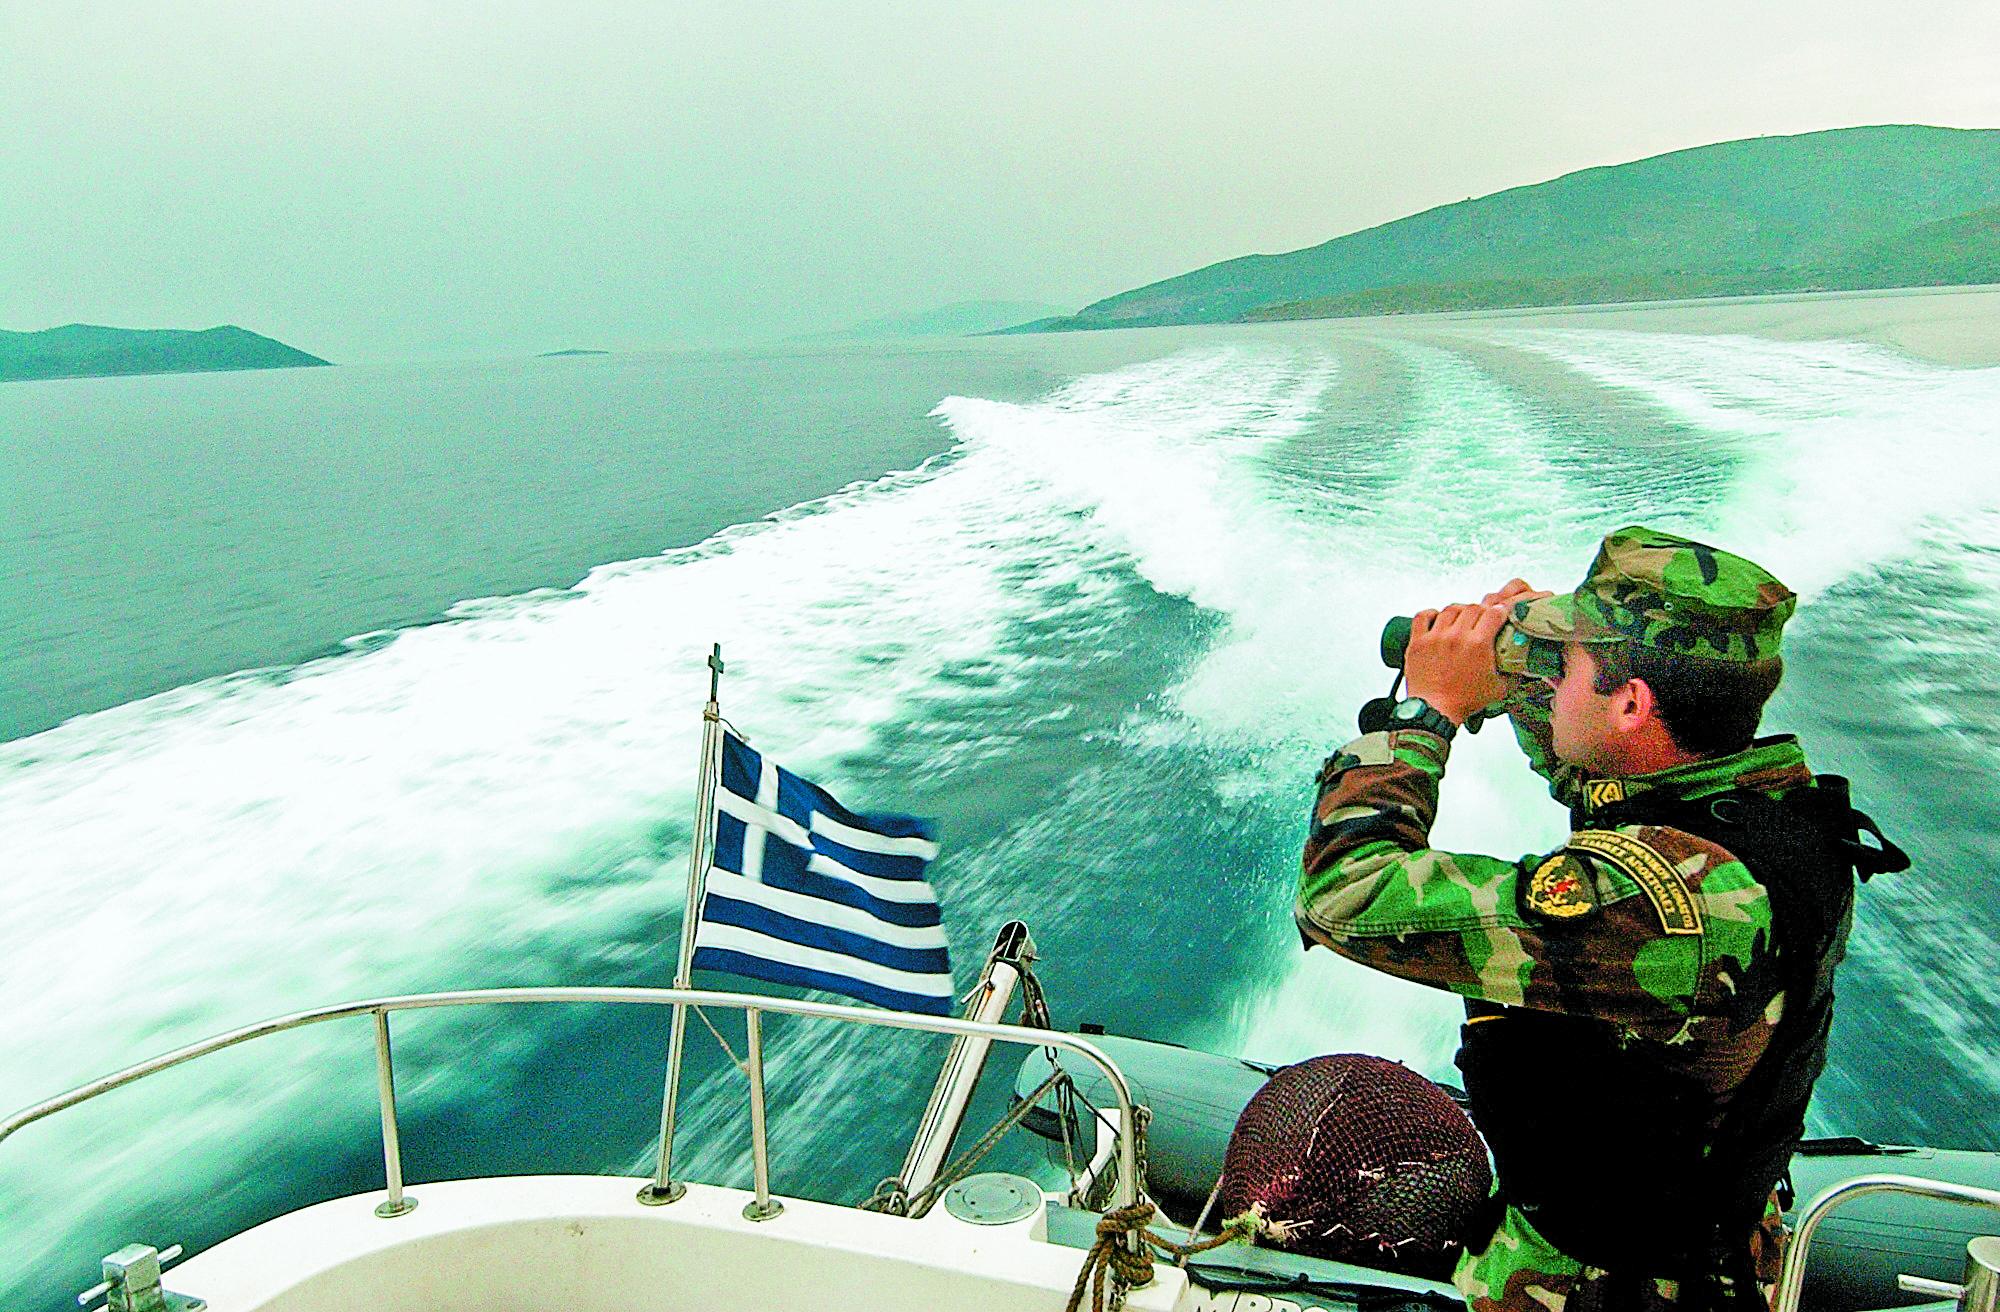 Σχέδιο Ε.Ε: Ενίσχυση της συνεργασίας τουρκικής και ελληνικής ακτοφυλακής | tovima.gr